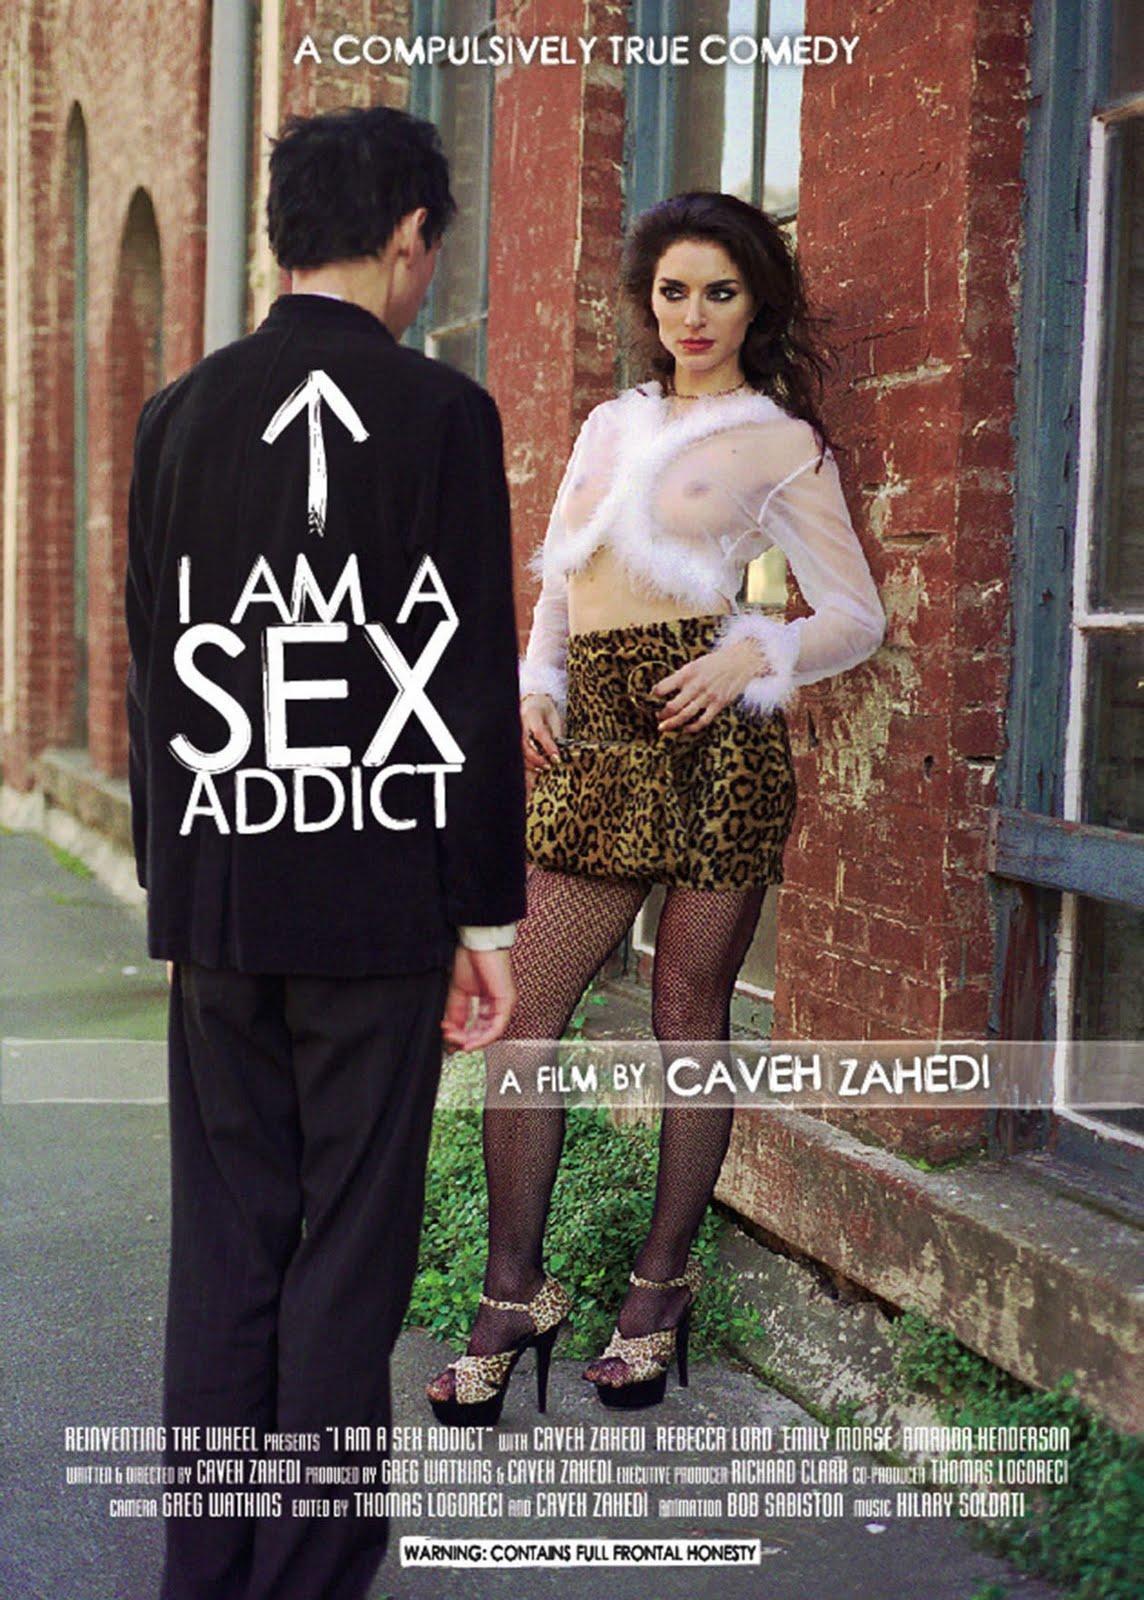 http://2.bp.blogspot.com/_sFRTnhVrn54/THQXlpL52hI/AAAAAAAAC0k/K2xtM1_FhQo/s1600/I-am-a-Sex-Addict.jpg